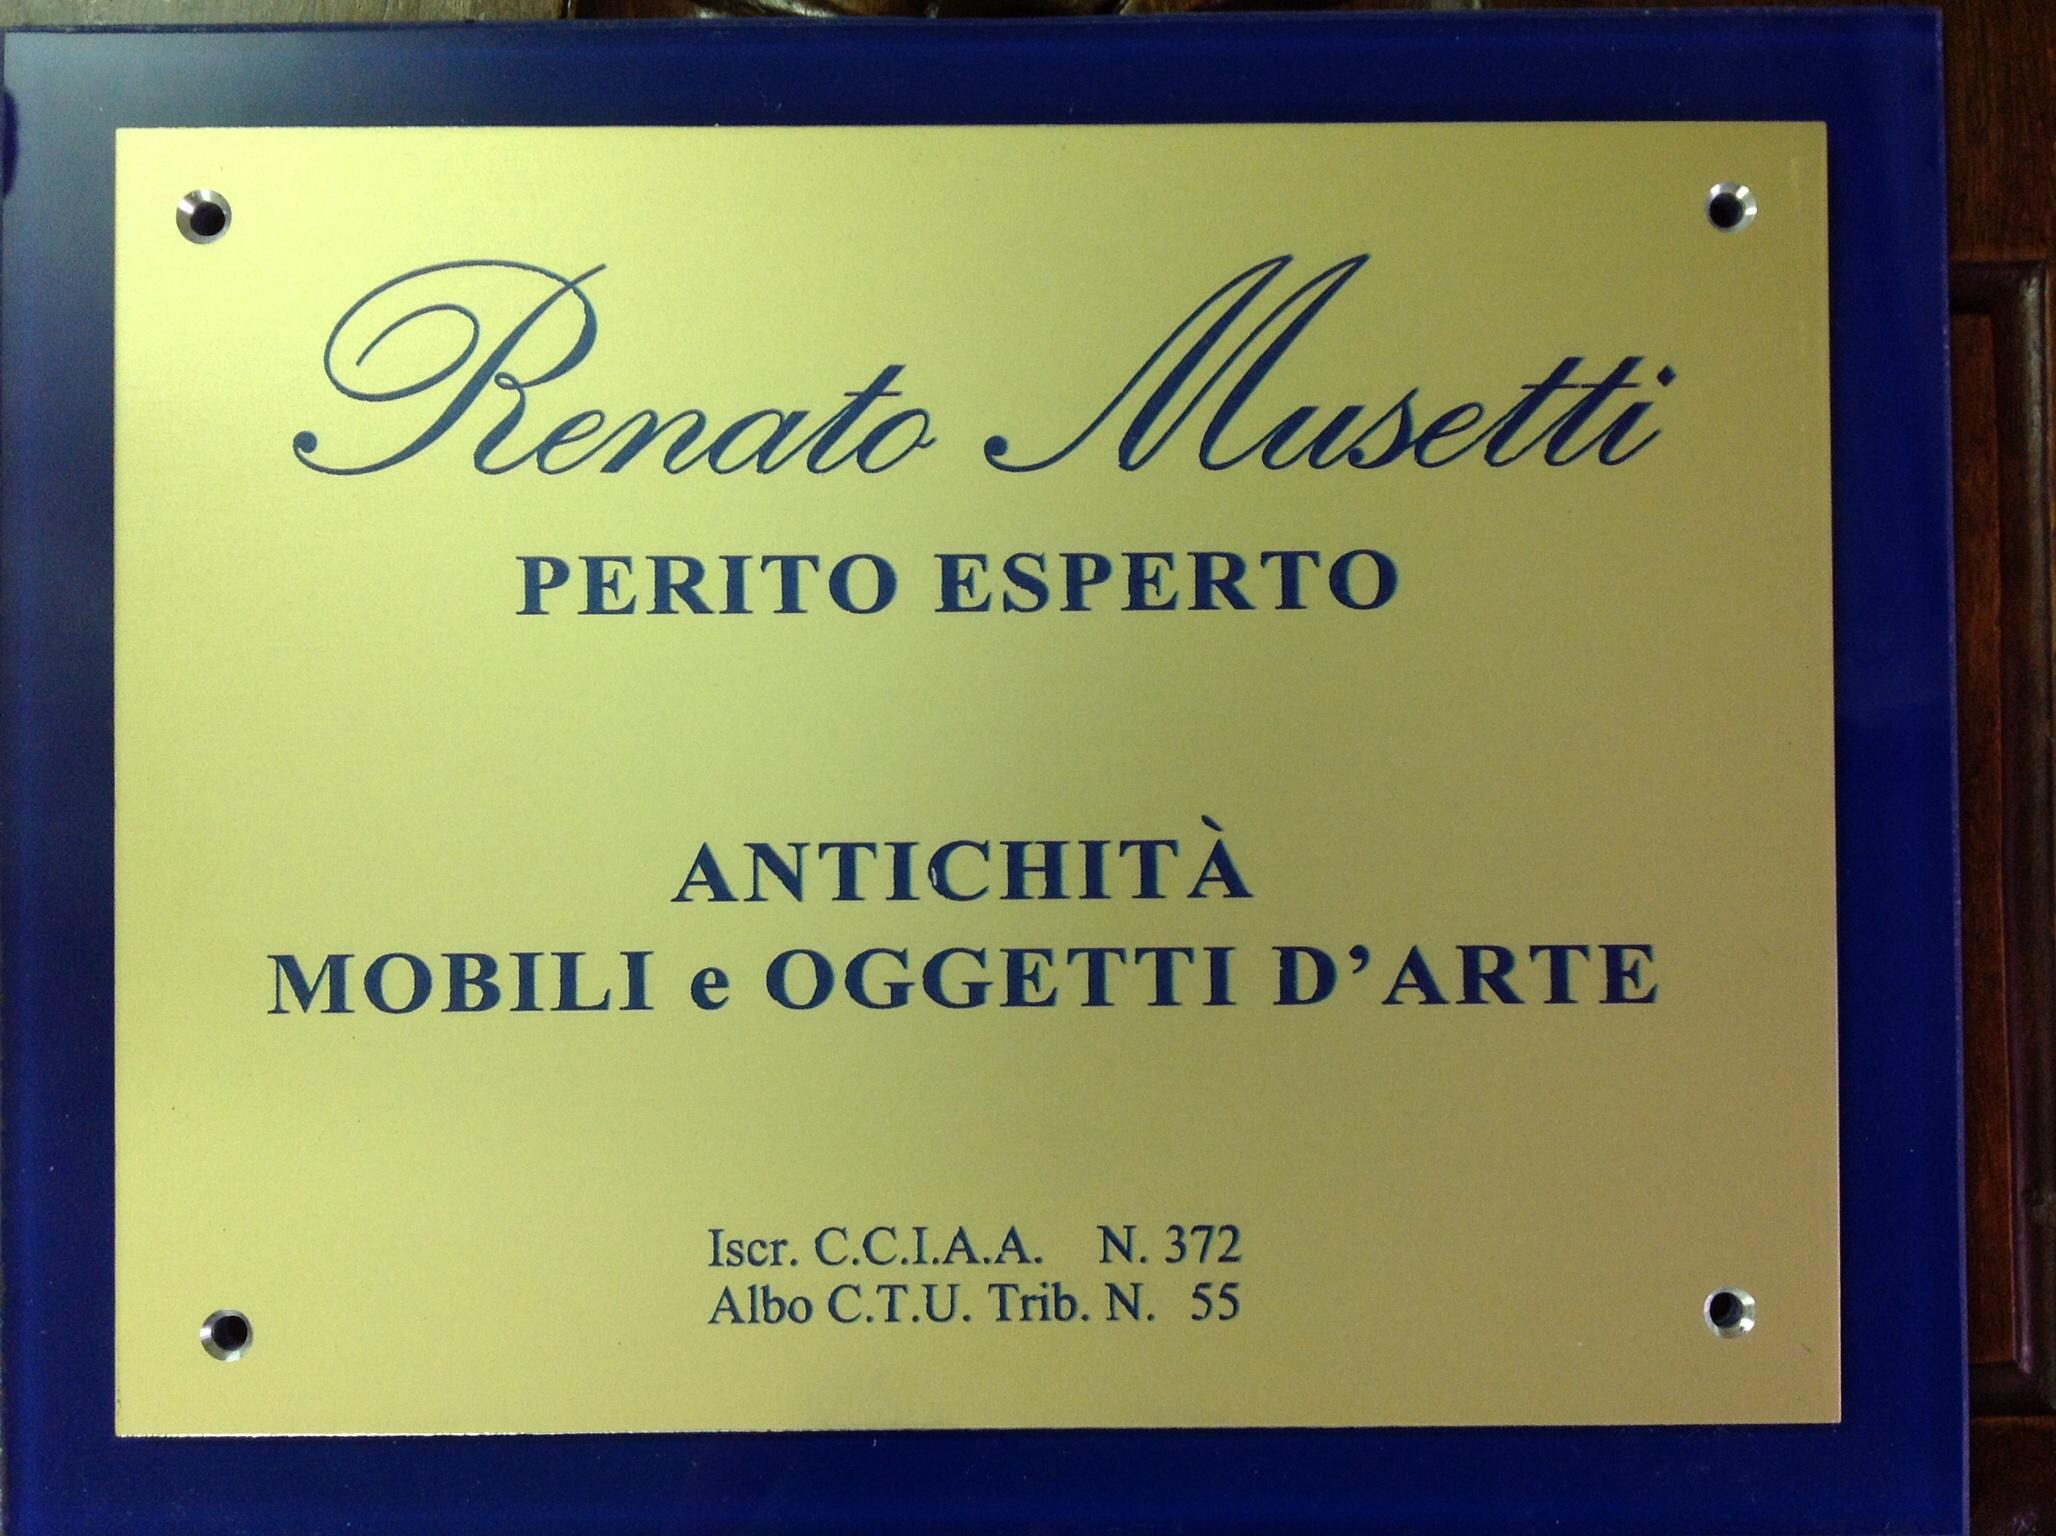 Carrara - ARREDAMENTO MOBILI ANTIQUARIATO MUSETTI